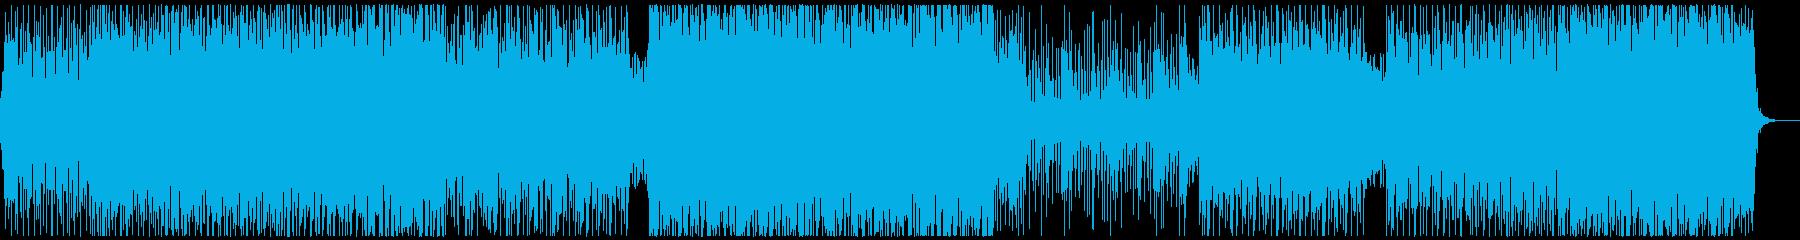 電気研究所Technology-h...の再生済みの波形